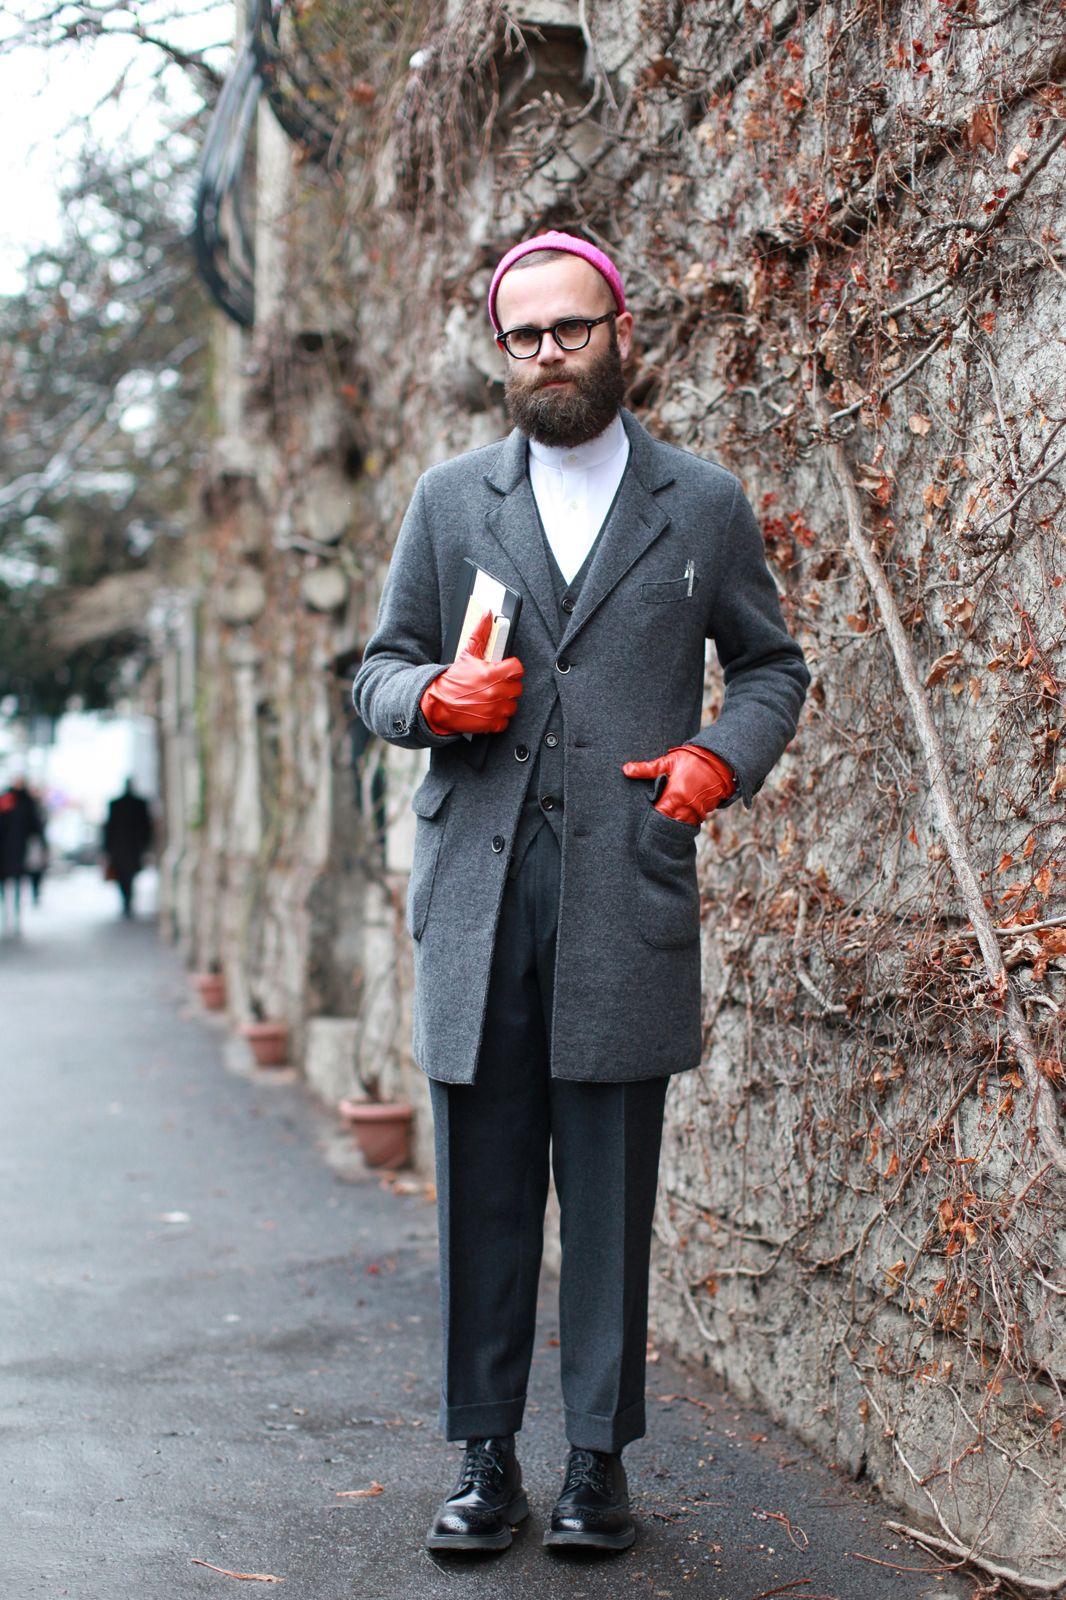 7dec7d5612ce8 Men s Fashion - Fashion Week Street Style